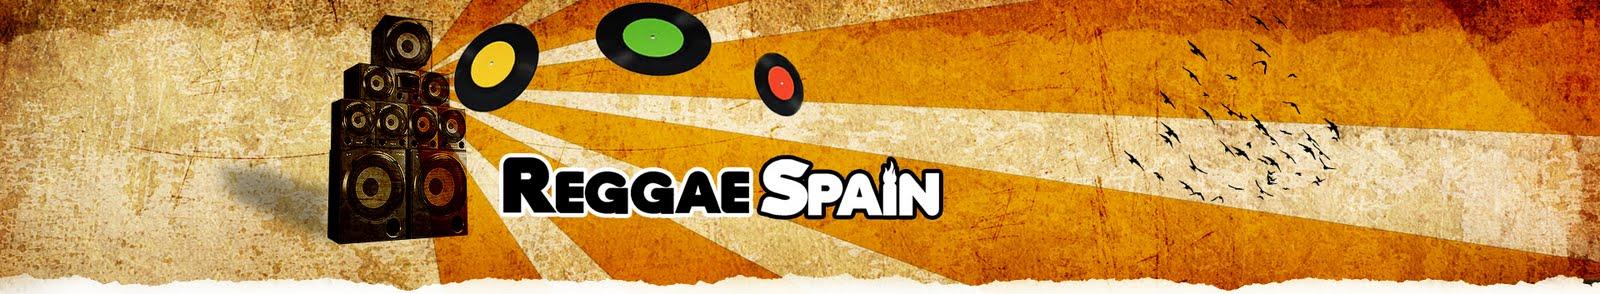 Reggae Spain